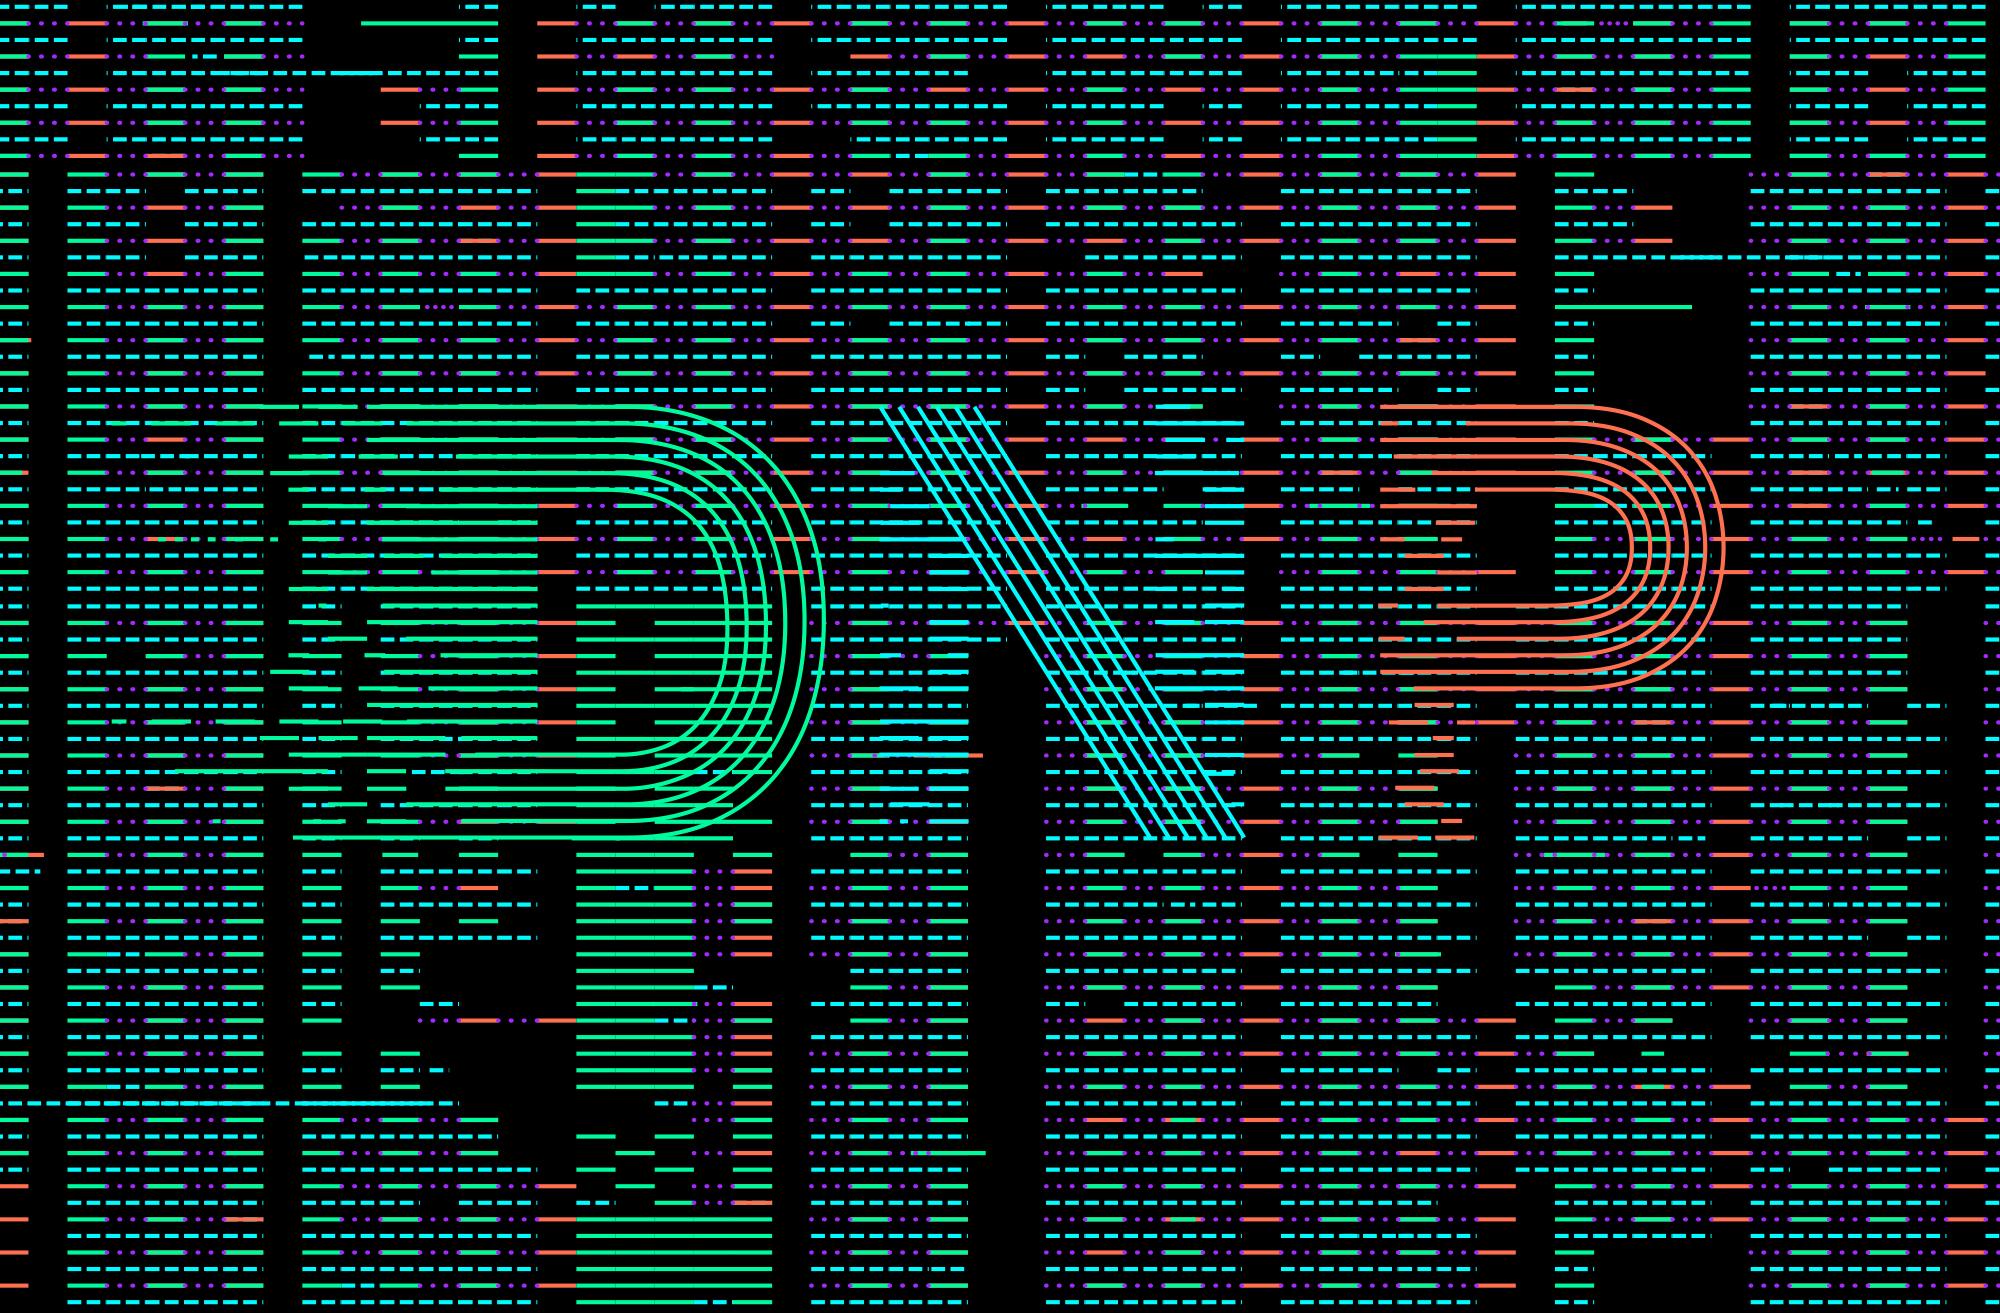 DNP Börsenunternehmen│Corporate Design, Logo